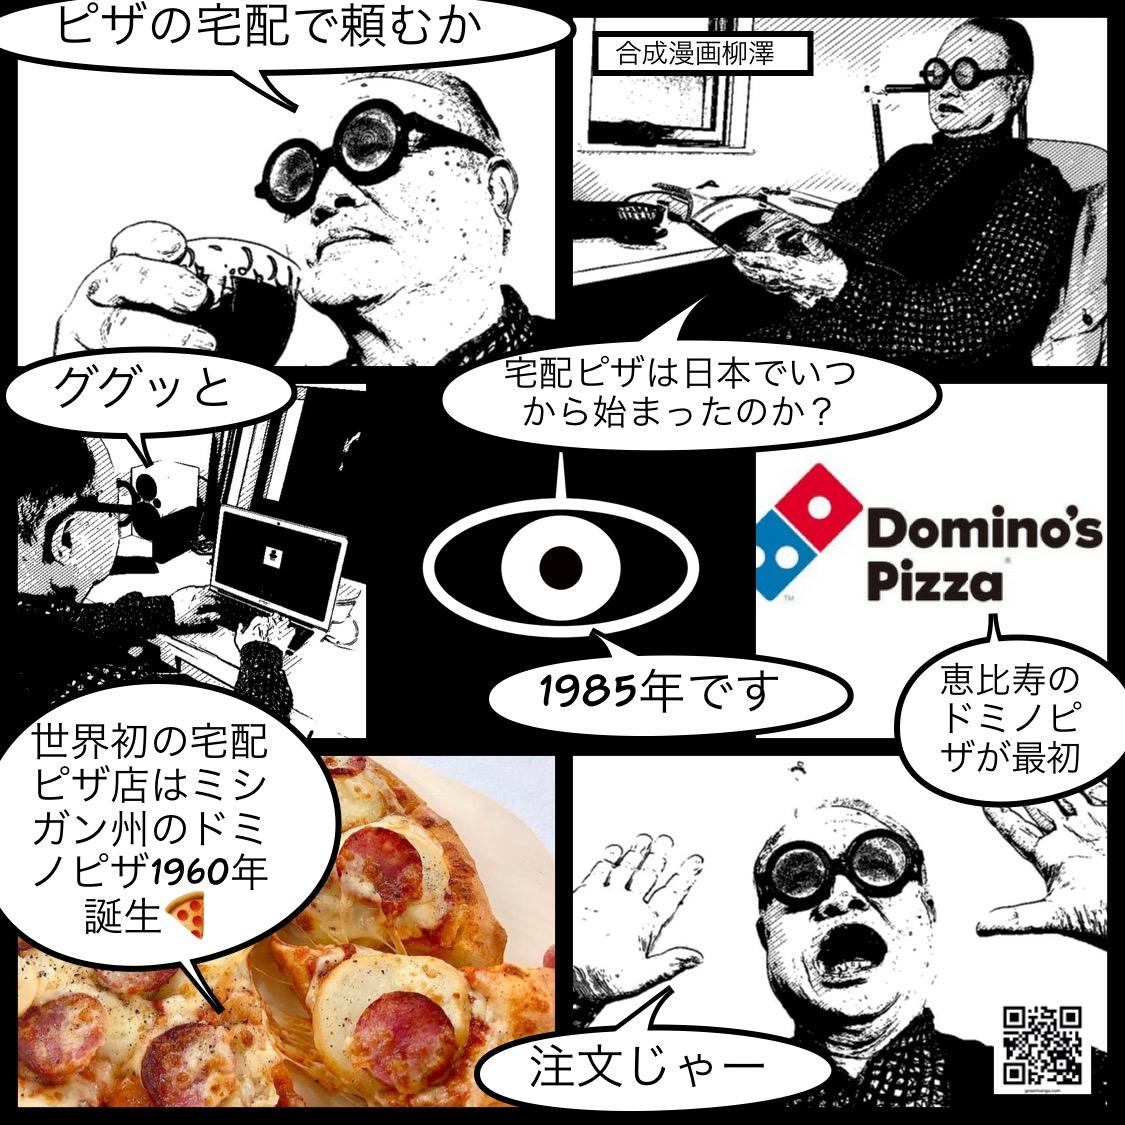 日本初の宅配ピザ